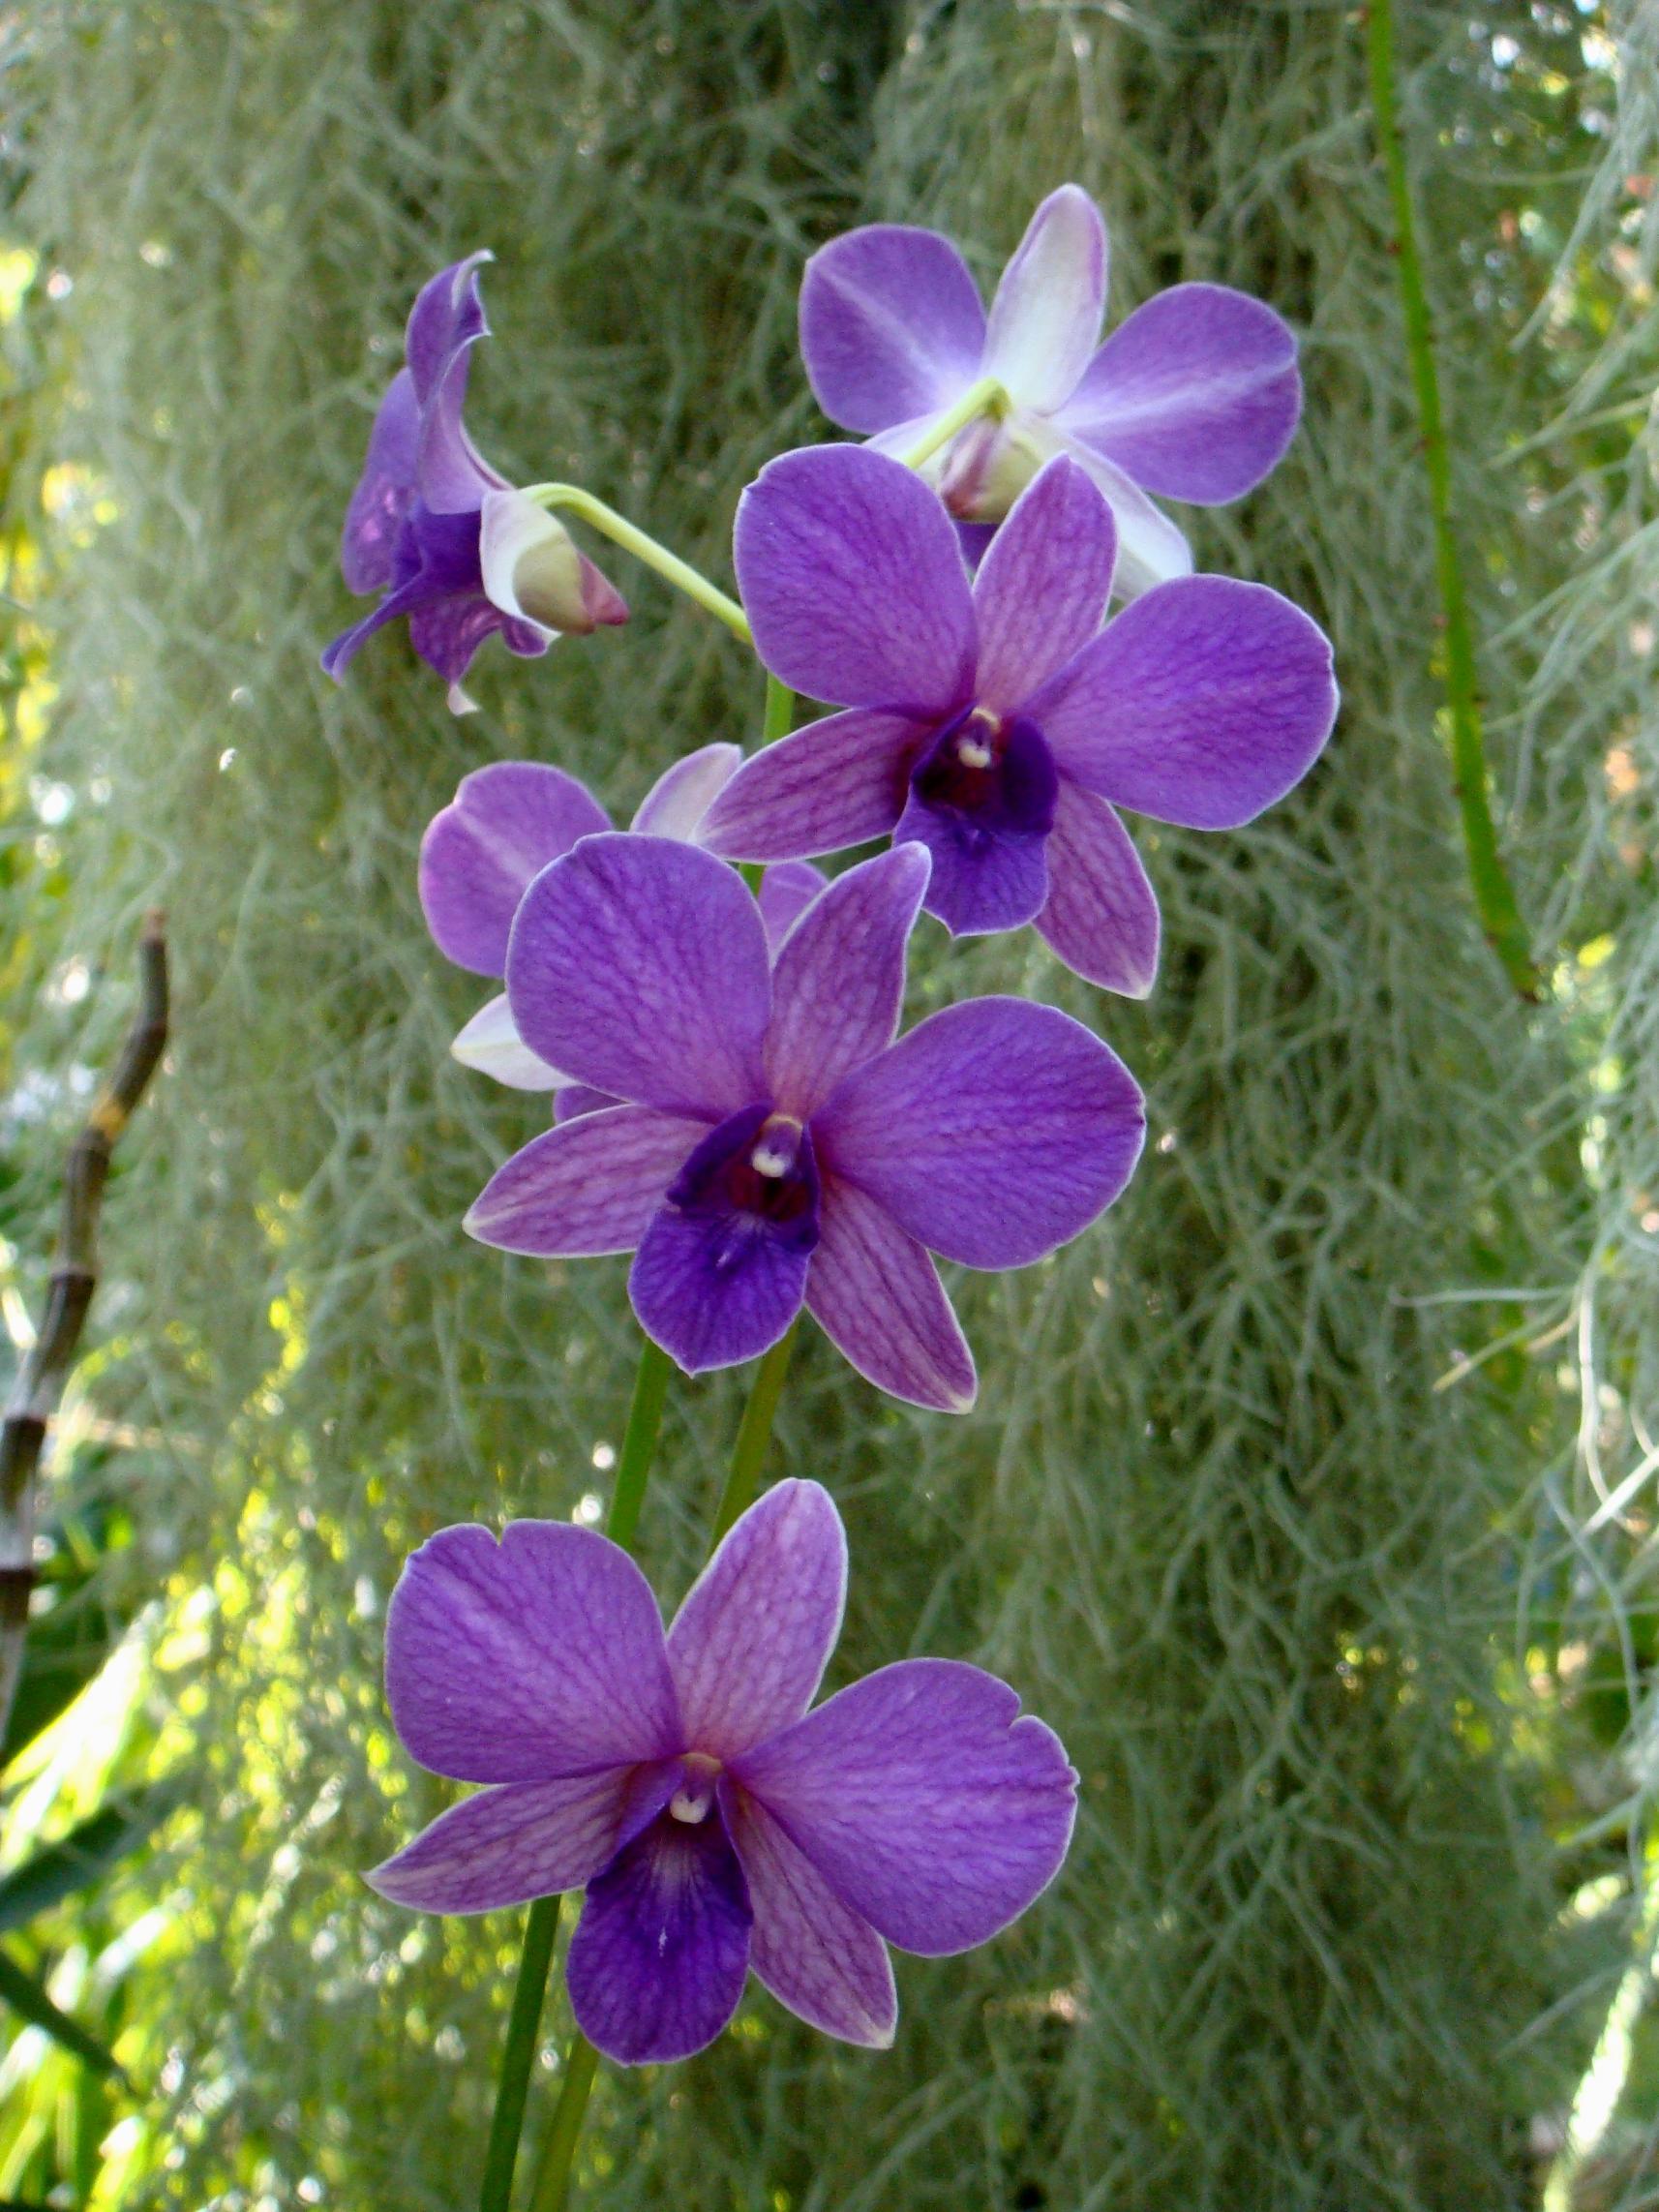 http://orchids.la.coocan.jp/Dendrobium/Dendrobium%20bigibbum/DSC04790.JPG